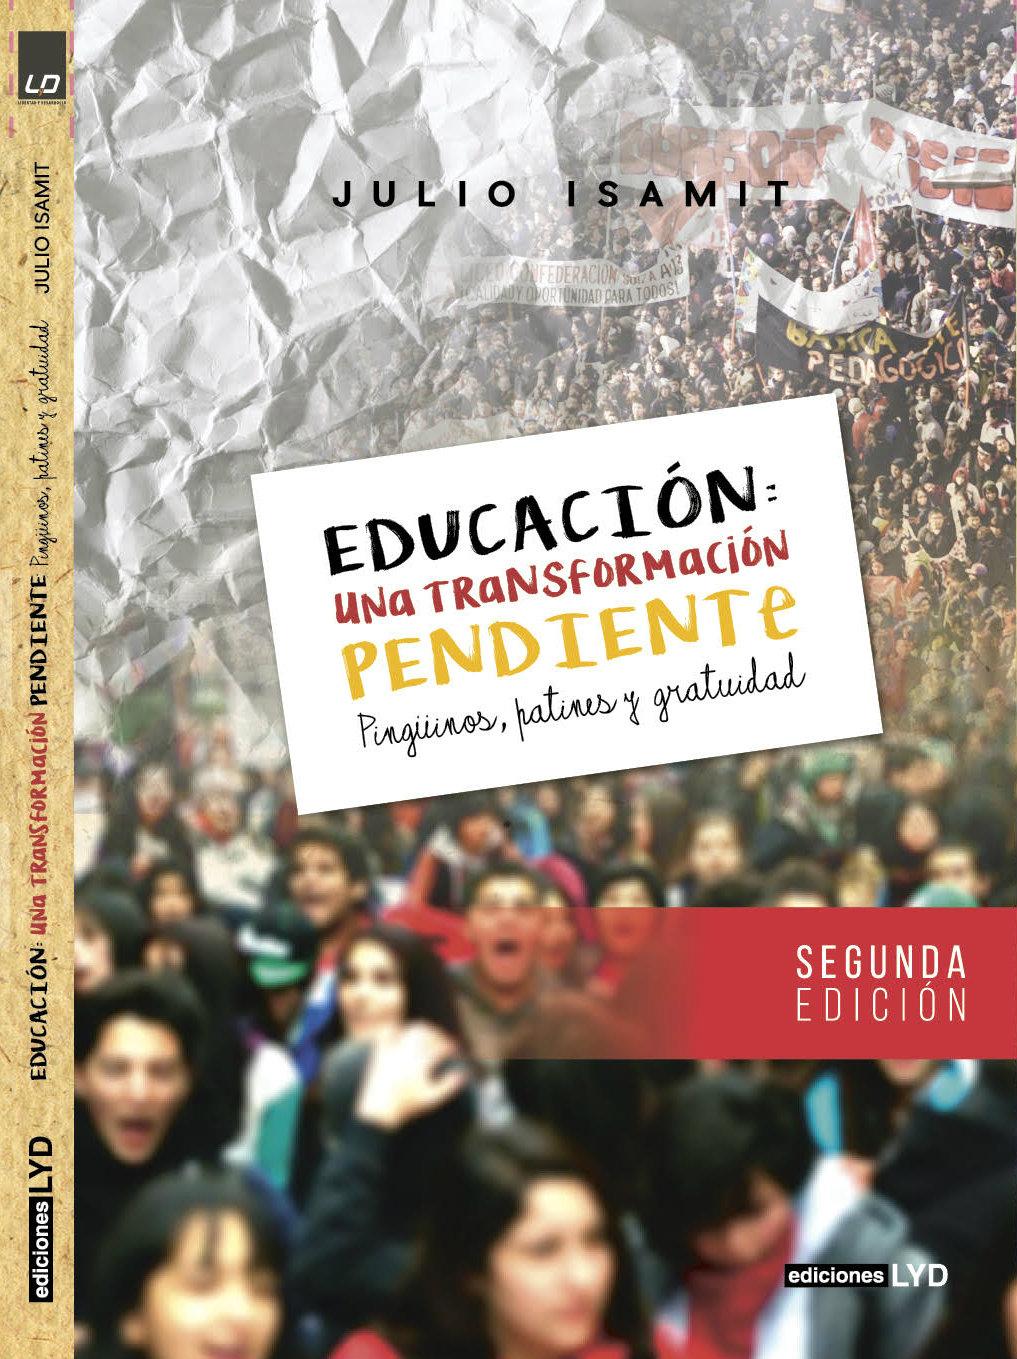 EDUCACIÓN-UNA-TRANSFORMACIÓN-PENDIENTE-2a-edición2